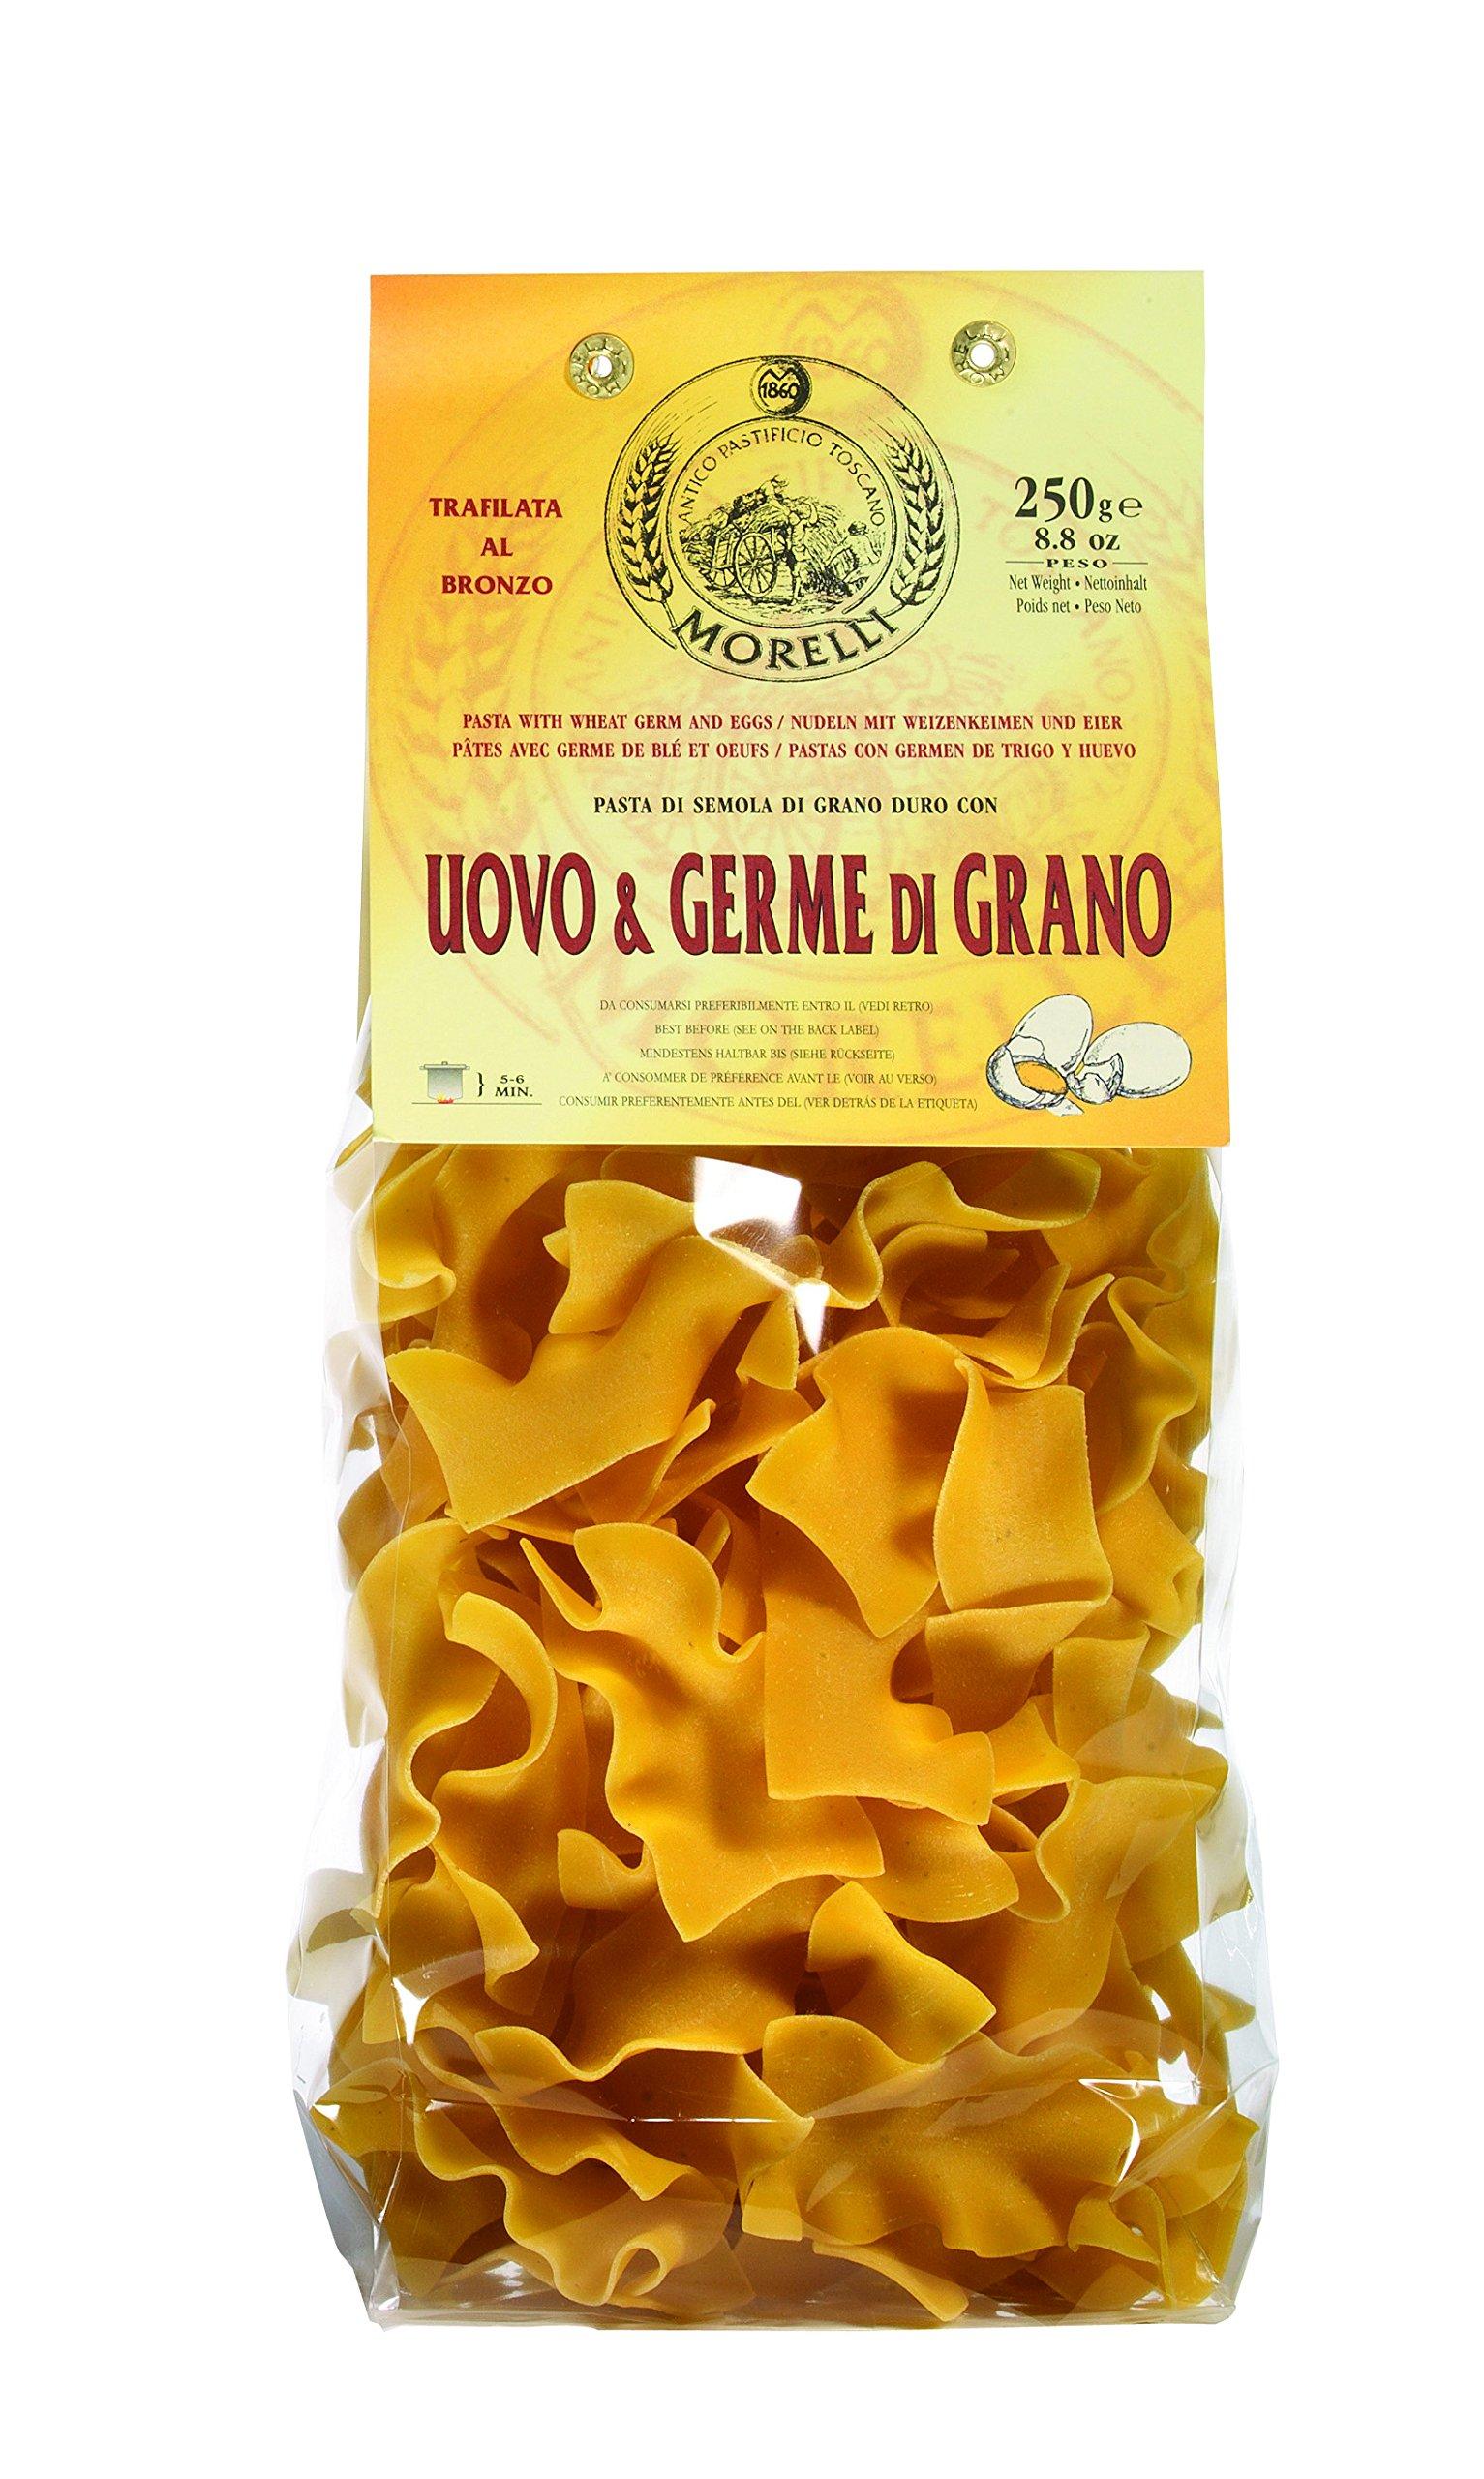 Antico Pastificio Morelli - Straccetti all'Uovo e Germe di Grano - gr. 250 x 12